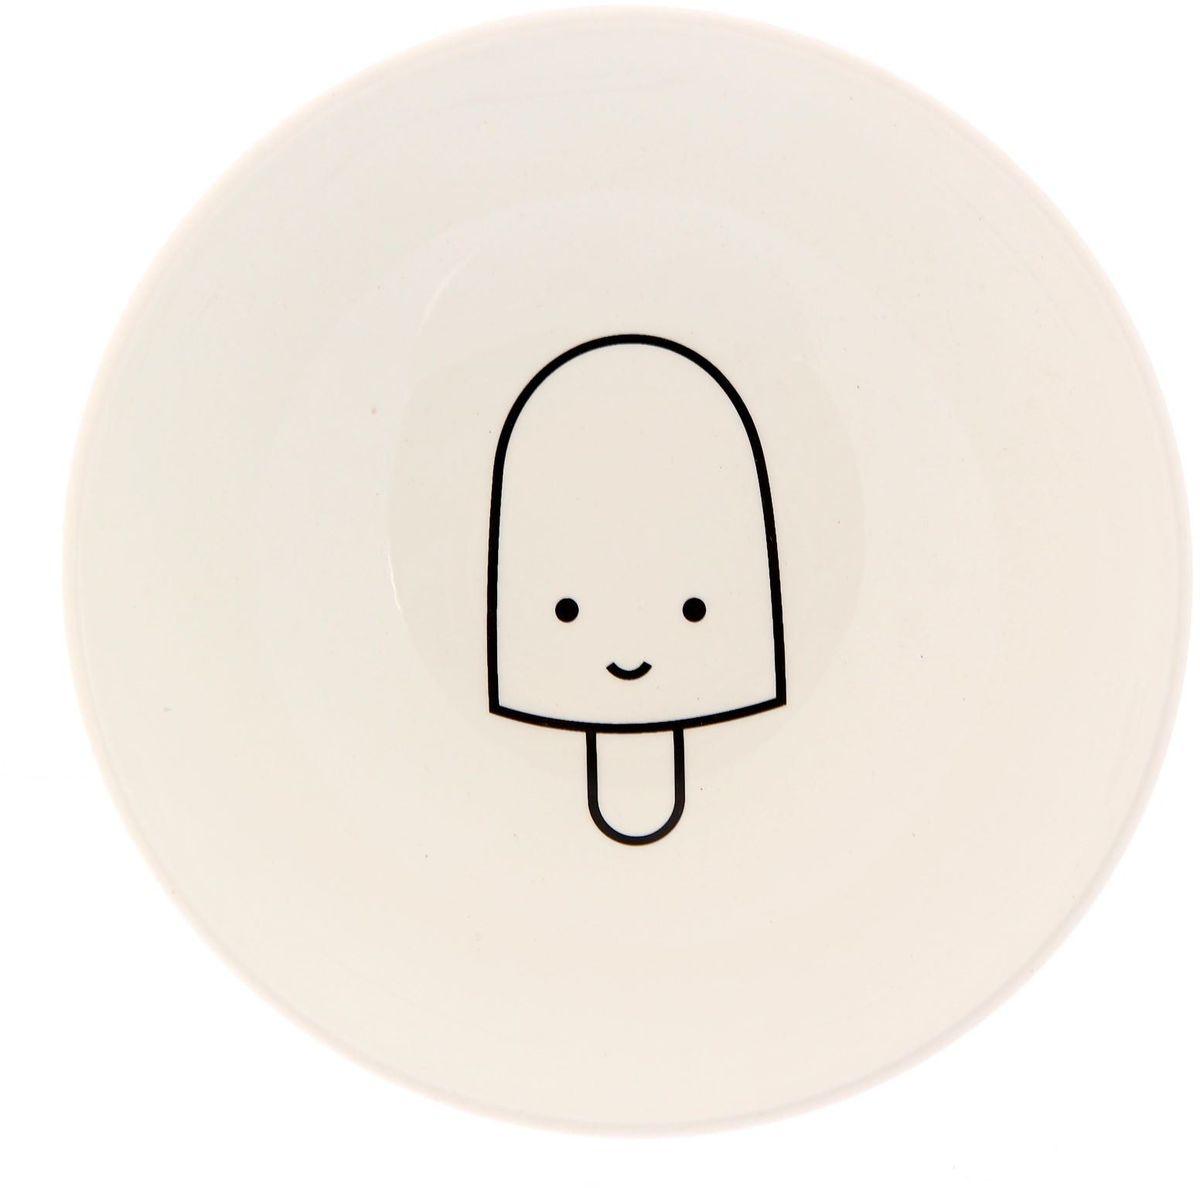 Салатник Сотвори чудо My Little Ice Cream, диаметр 16,5 см54 009312Хотите обновить интерьер кухни или гостиной? Устраиваете необычную фотосессию или тематический праздник? А может, просто ищете подарок для близкого человека?Посуда « Сотвори Чудо» — правильный выбор в любой ситуации. Её достоинства:изящный фаянс нежного сливочного цвета;стойкость краски;пригодность для посудомоечных машин.